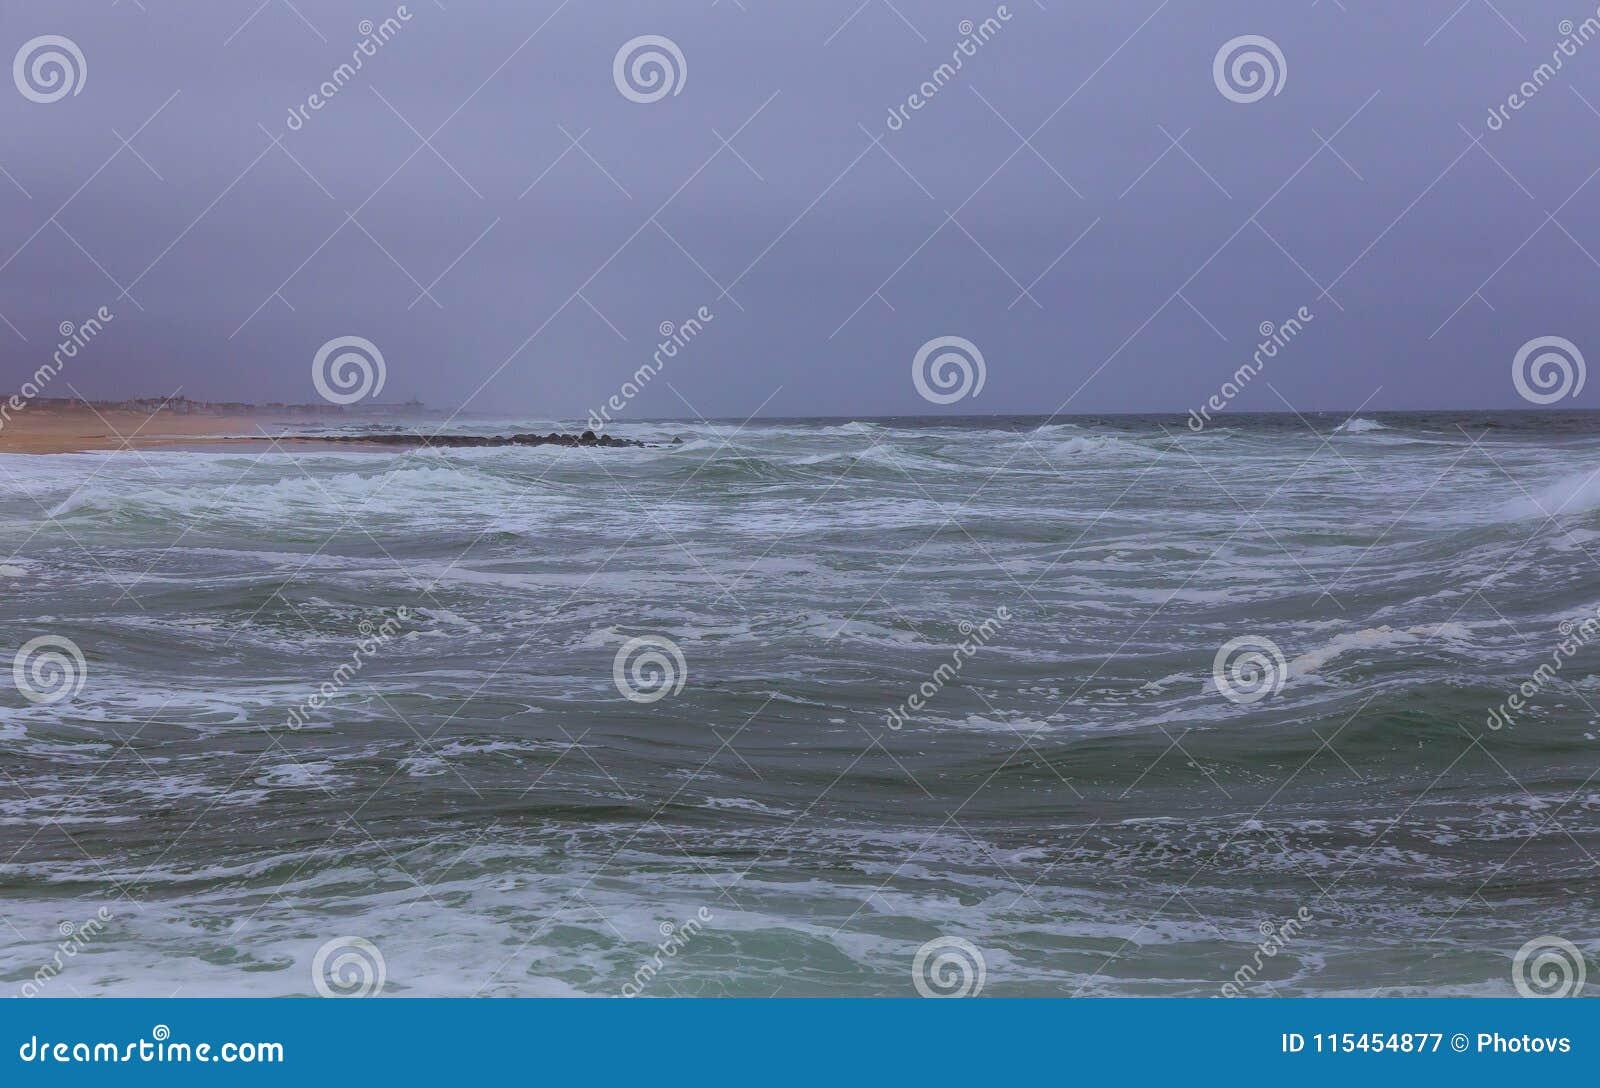 Fondo de la niebla superficial sobre las olas oceánicas